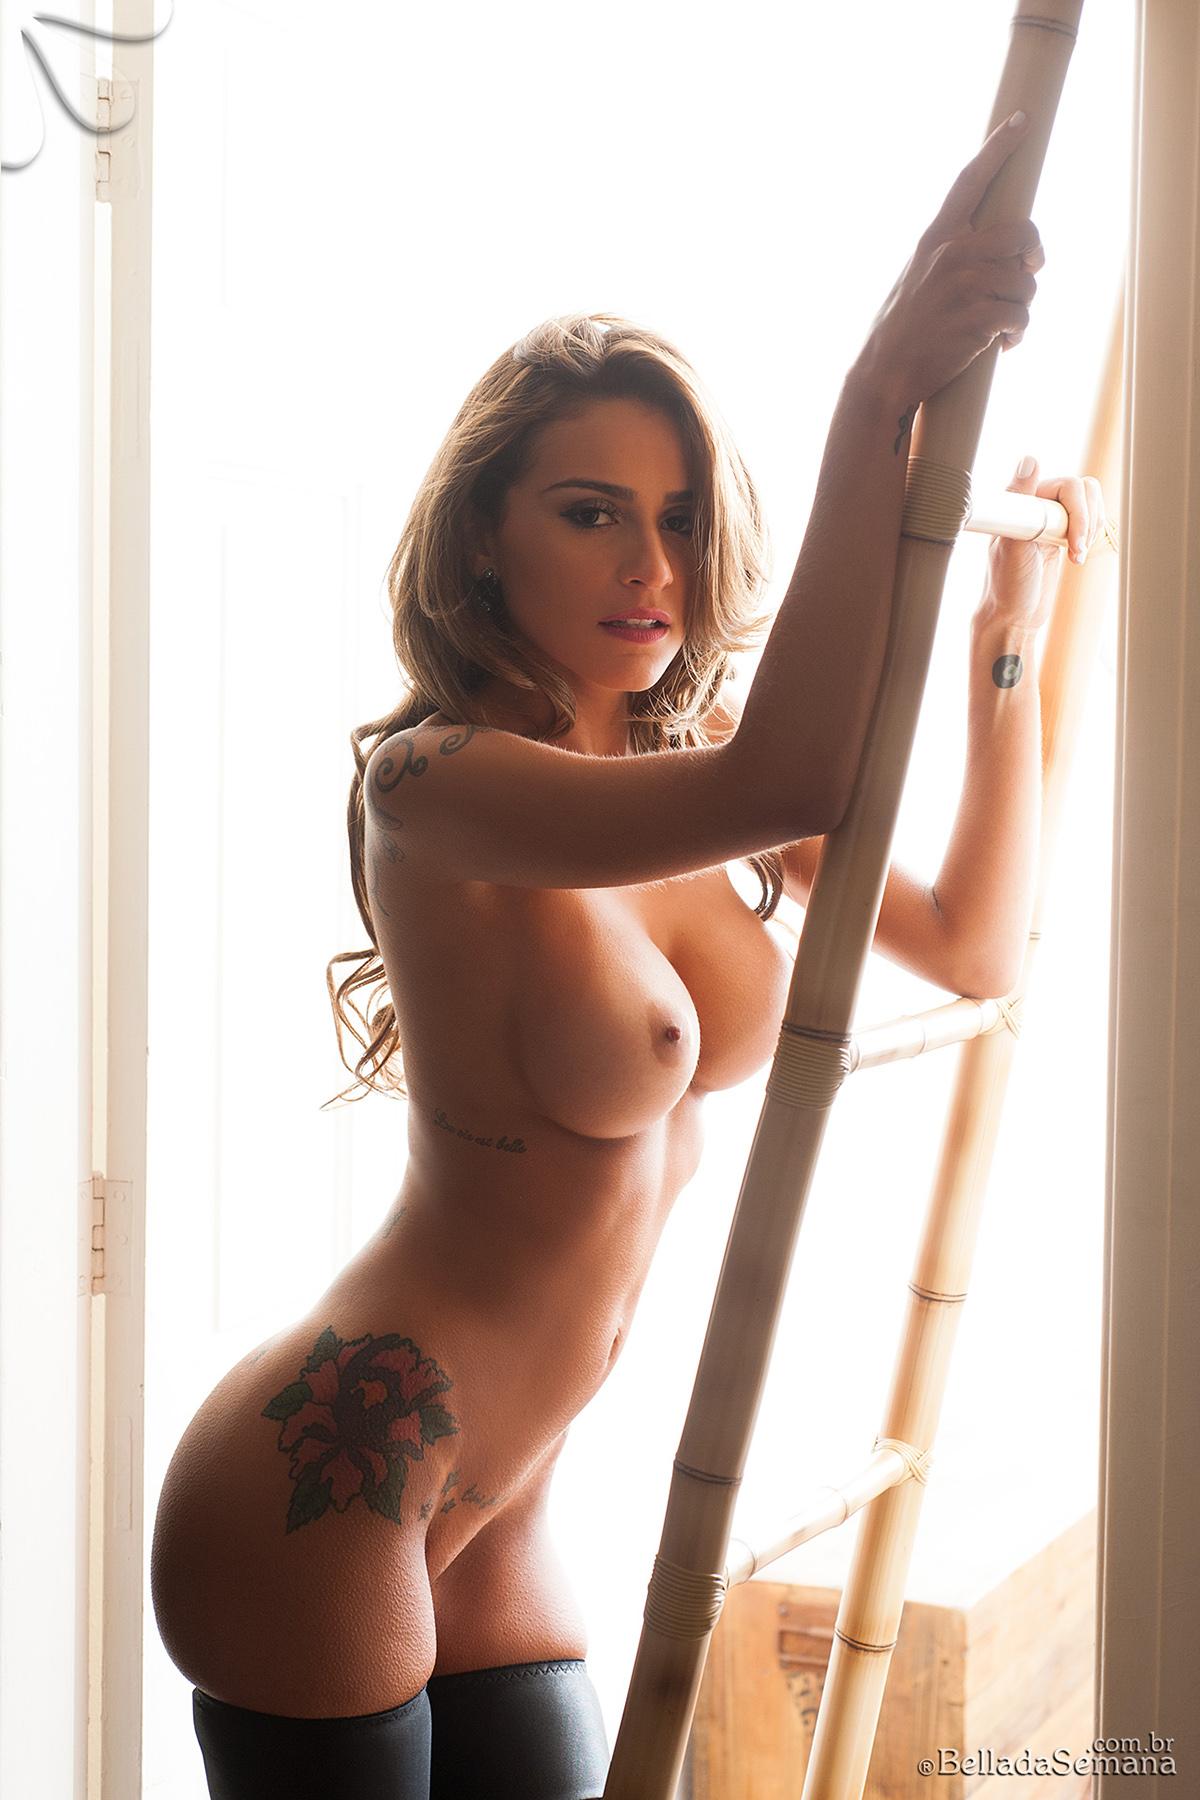 Angelique Cabral Nude júnia cabral porn pic - eporner